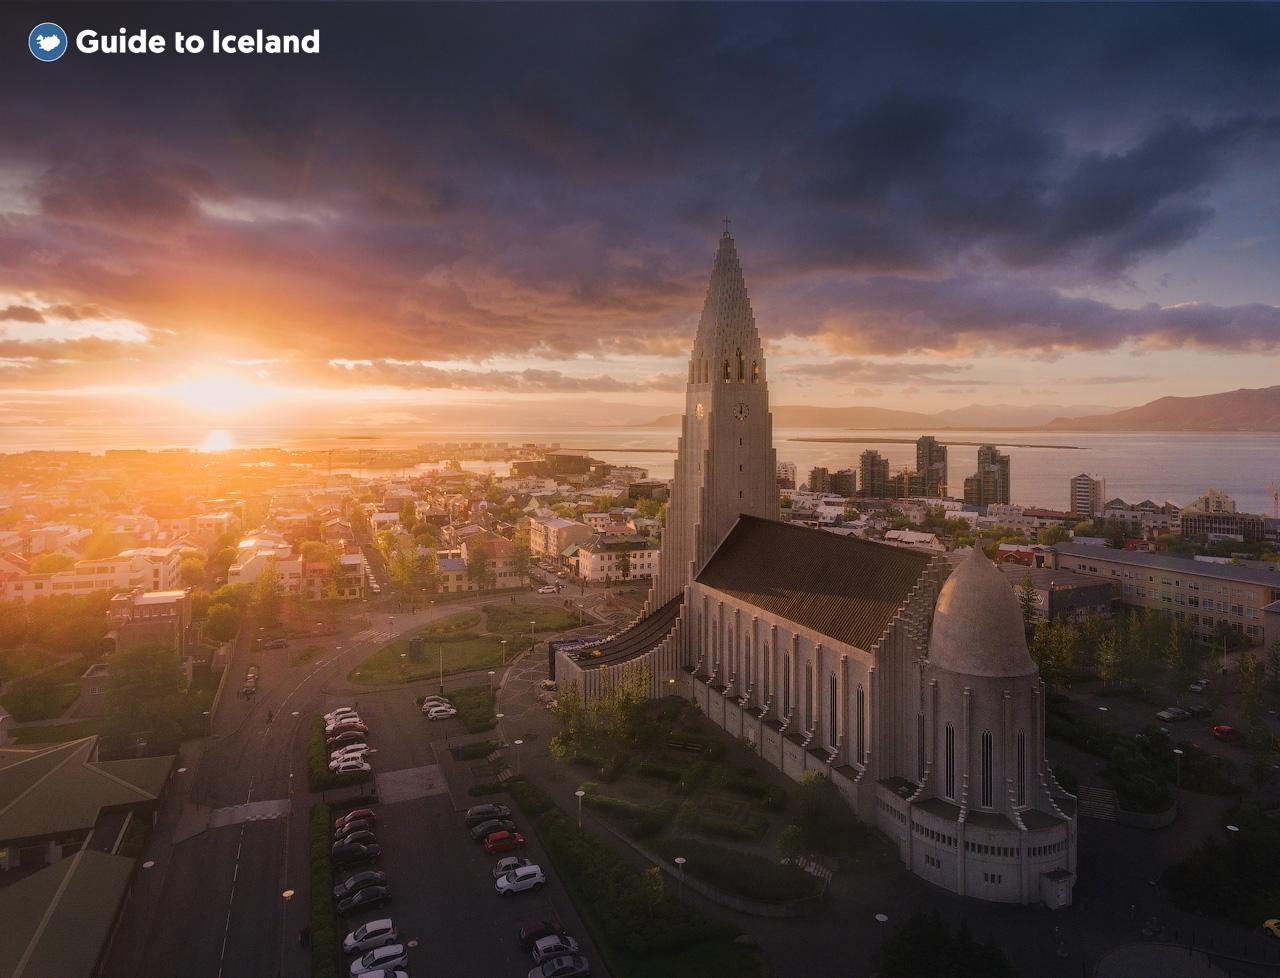 10 dni, samodzielna podróż | Dookoła Islandii zgodnie z ruchem wskazówek zegara - day 10